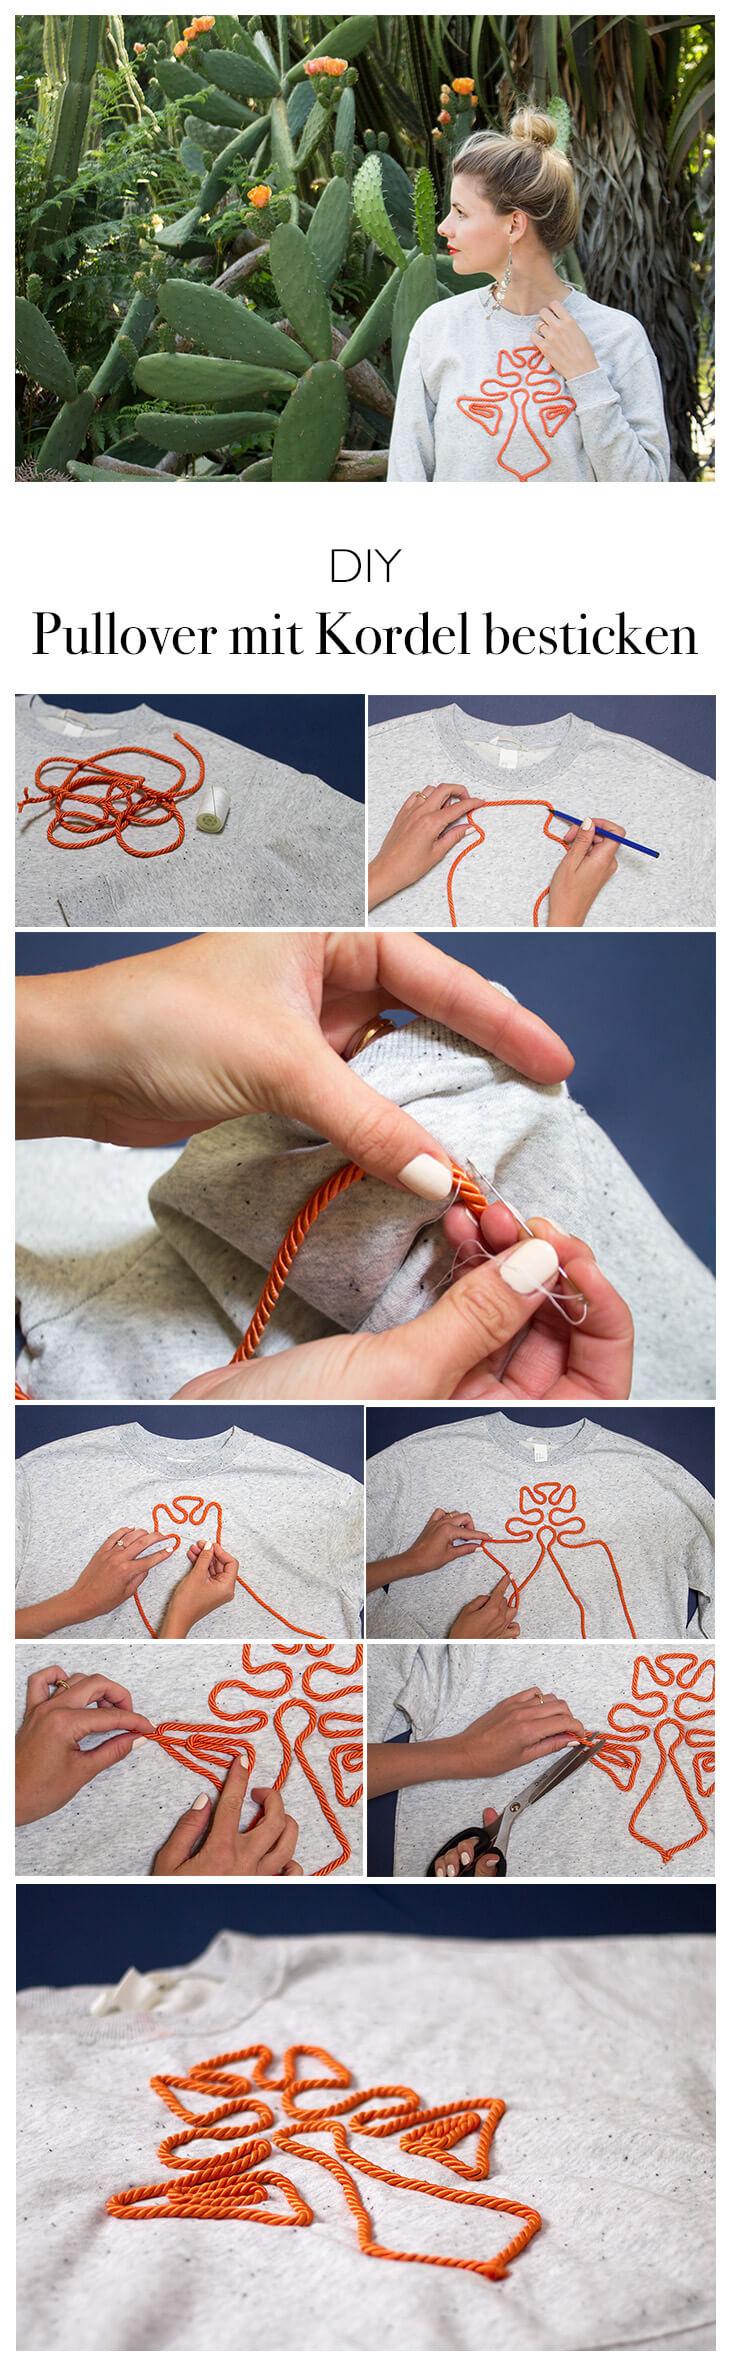 DIY Anleitung Pullover mit Kordel besticken - DIY Fashion Mode Blog